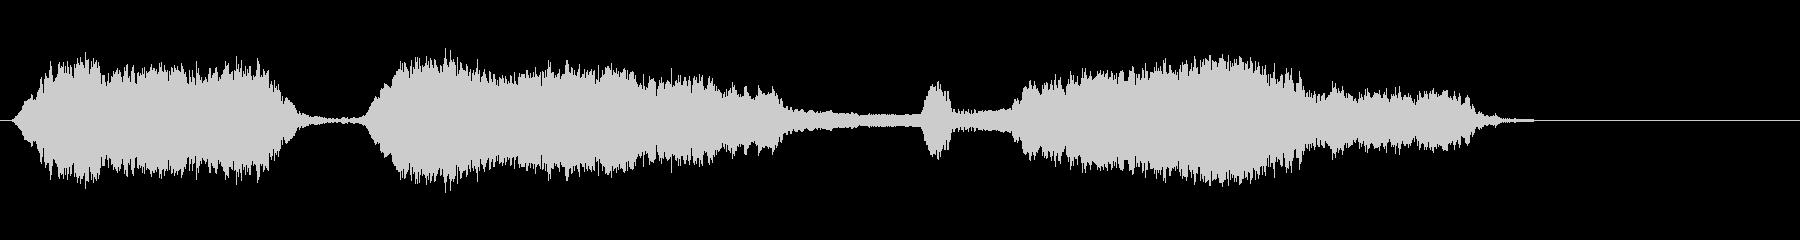 1880年代のジュピター119:ス...の未再生の波形